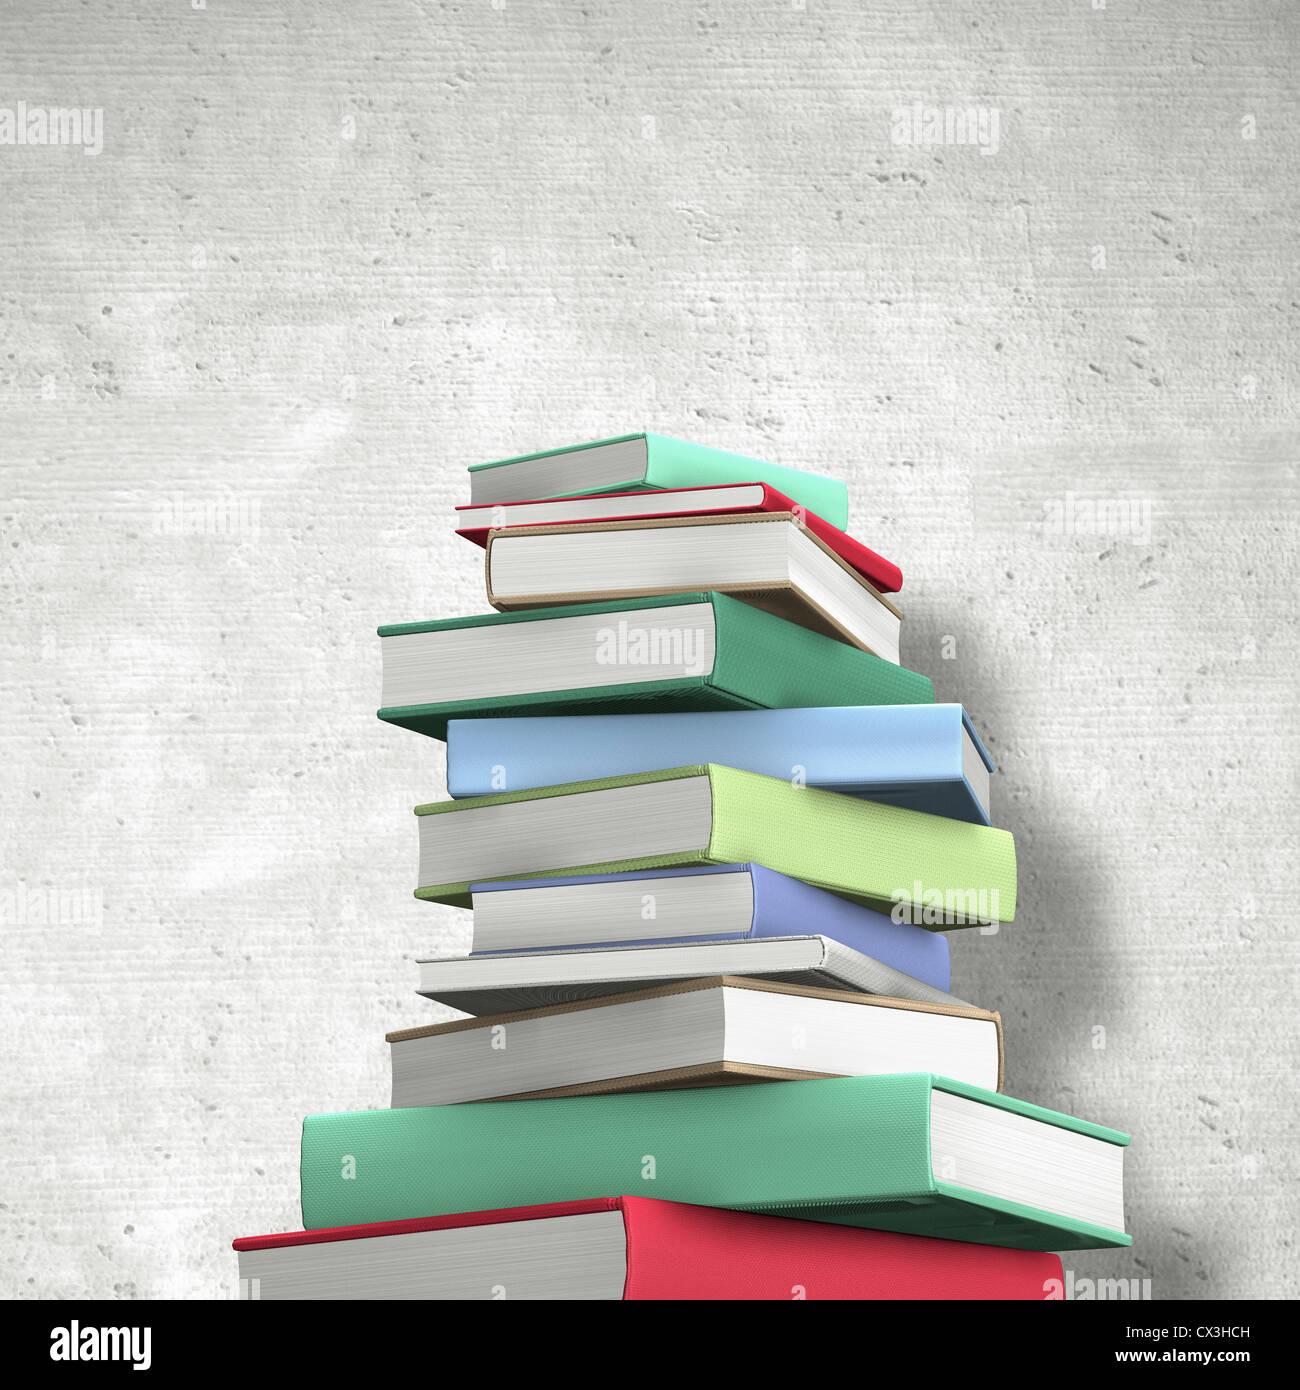 Buecherstapel aus Hardcoverbüchern Mit Farbigem Einband Ohne Aufschrift - Stapel Bücher Stockbild